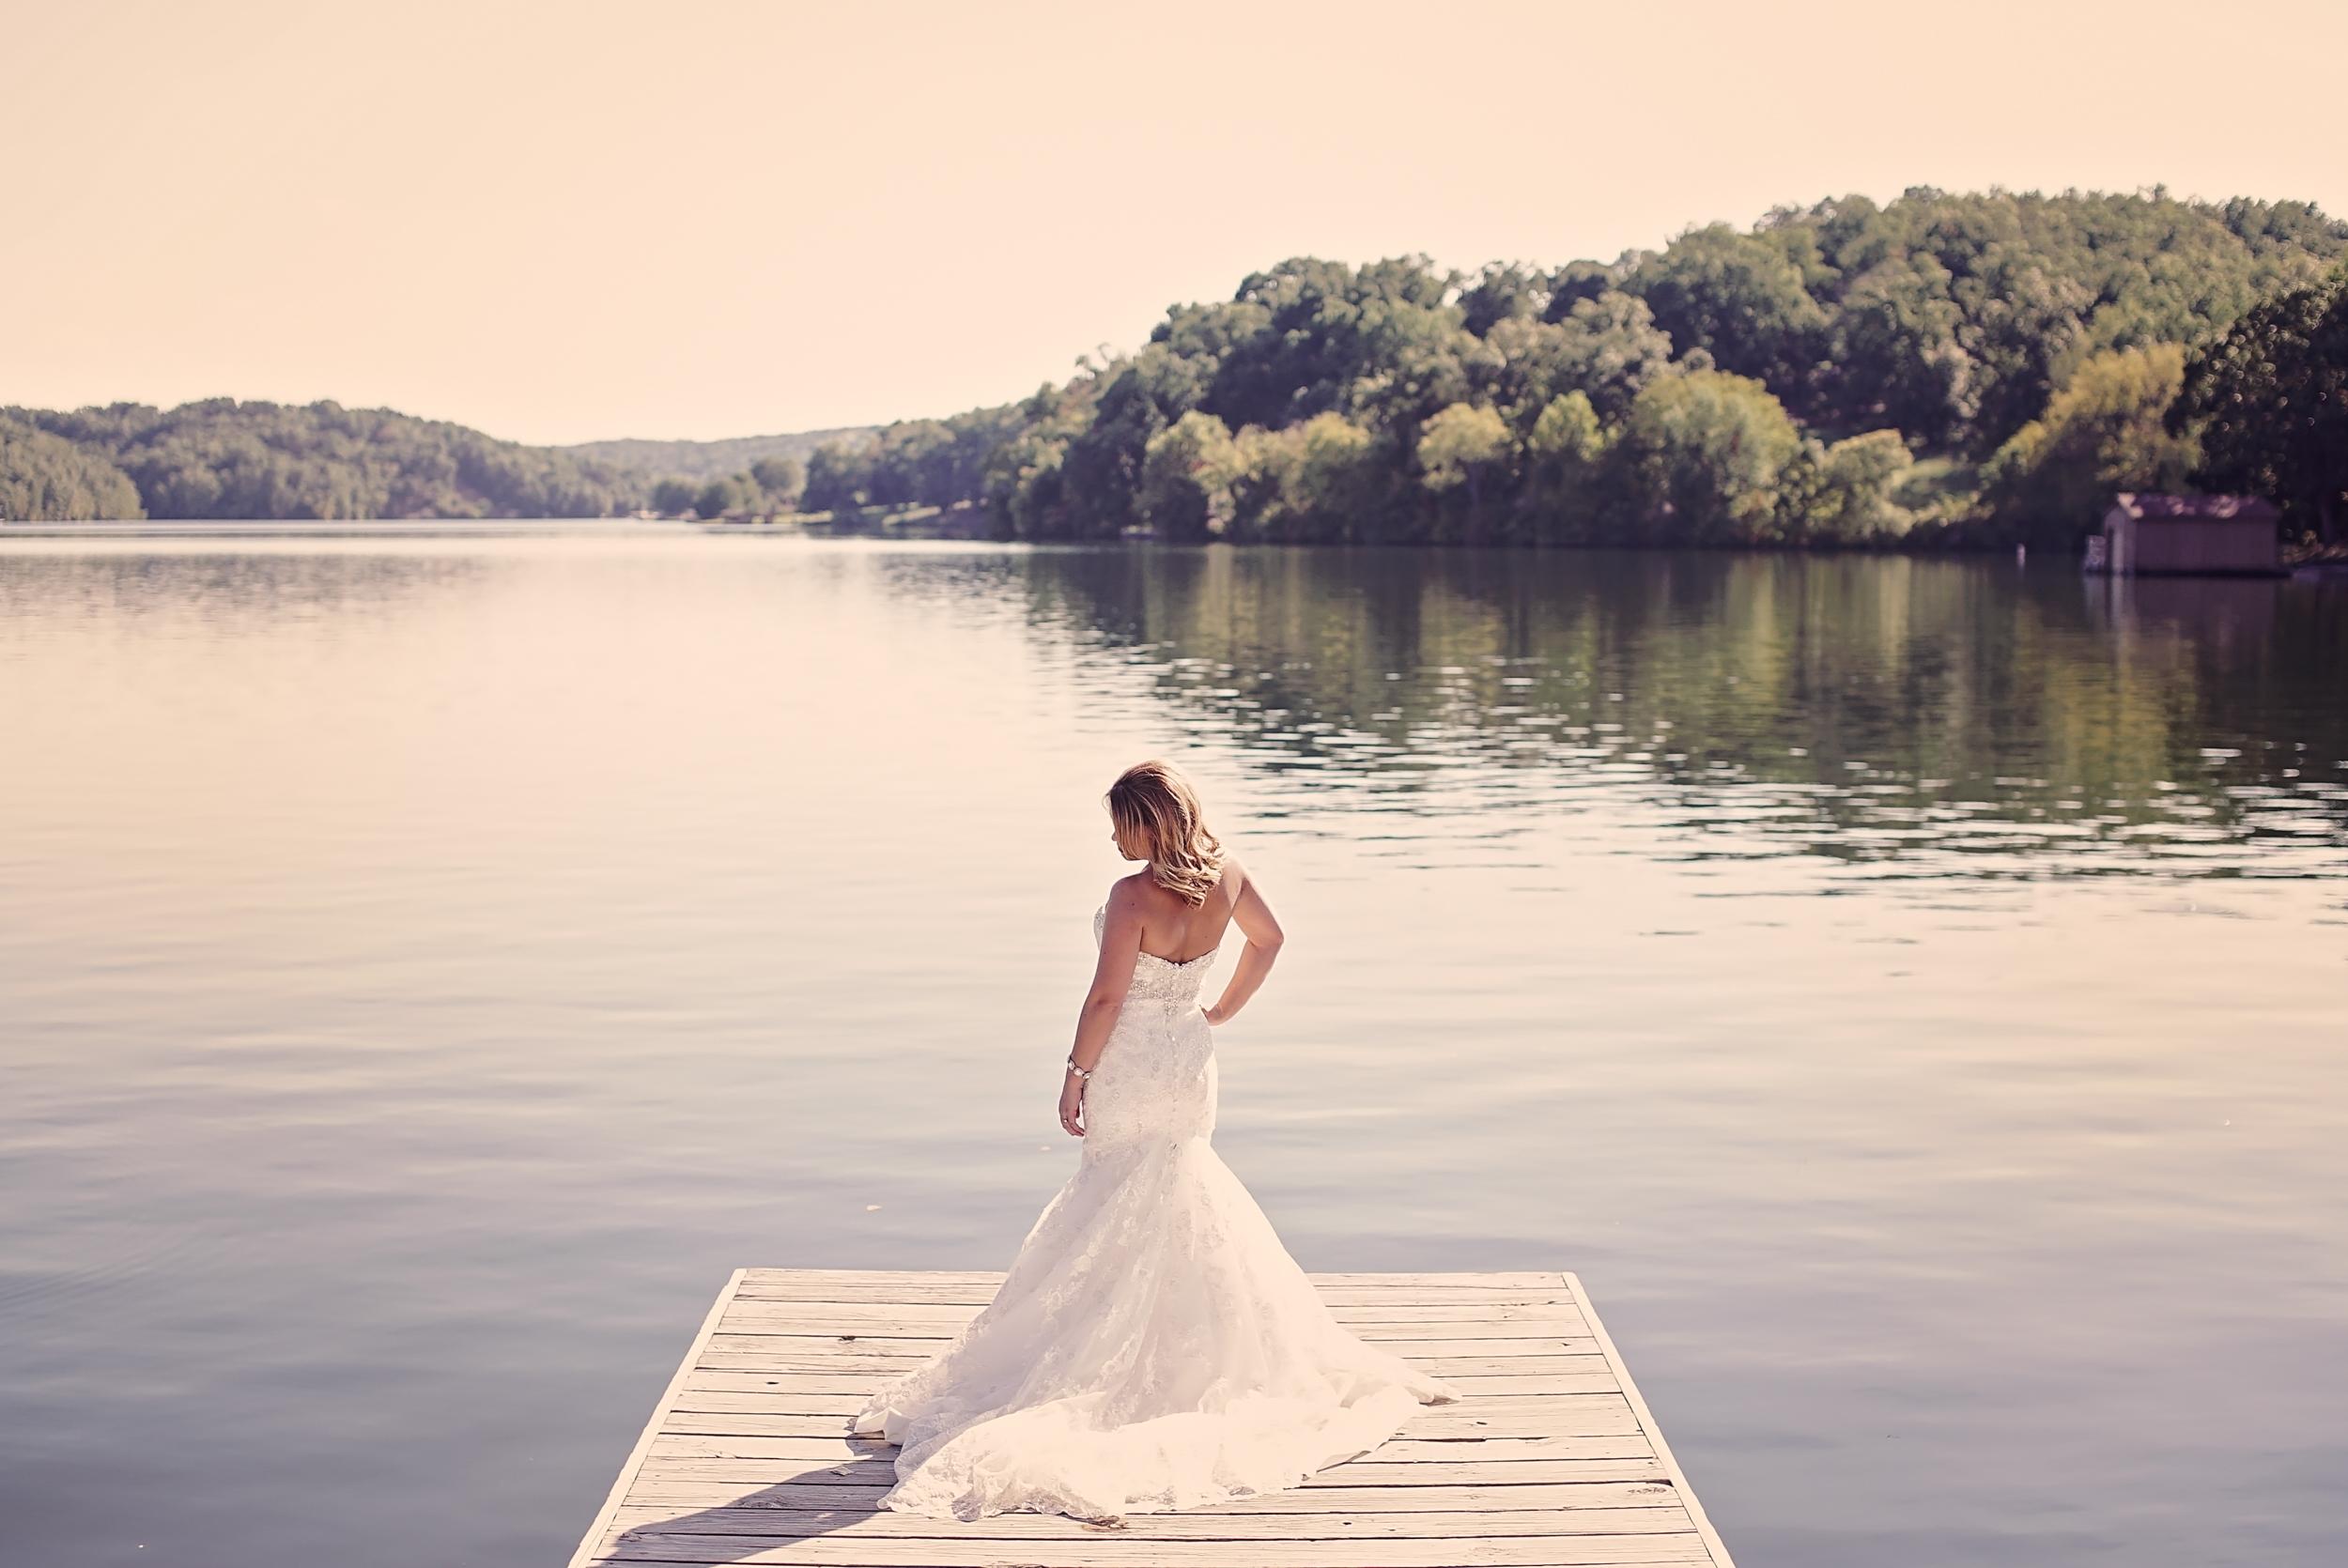 bridals©2015mileswittboyer-44.jpg